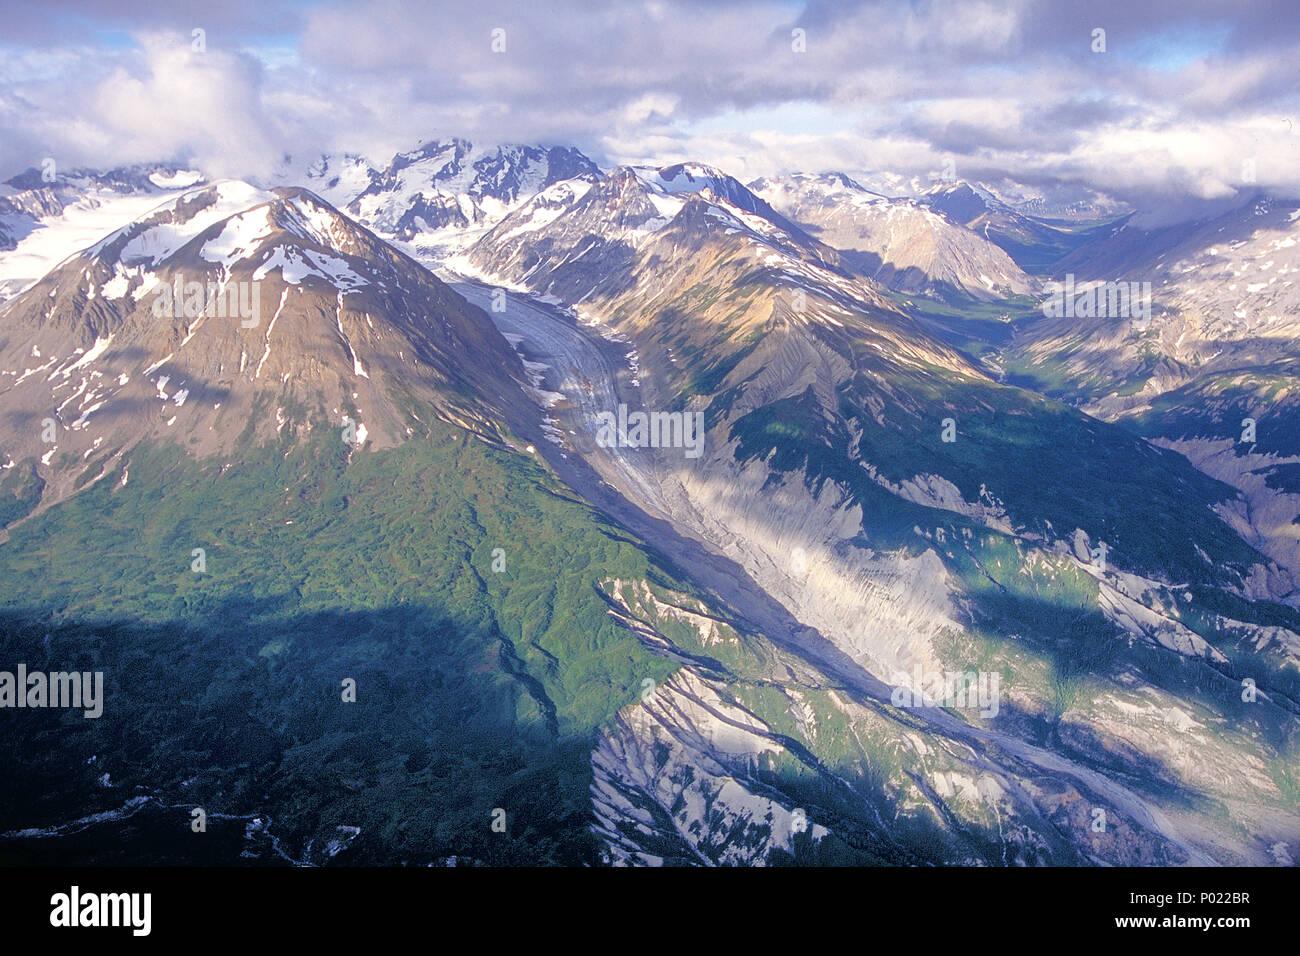 Grandes paisajes, nieve, hielo, montañas, glaciares, Cordillera de Alaska, Yukon, Canadá Imagen De Stock